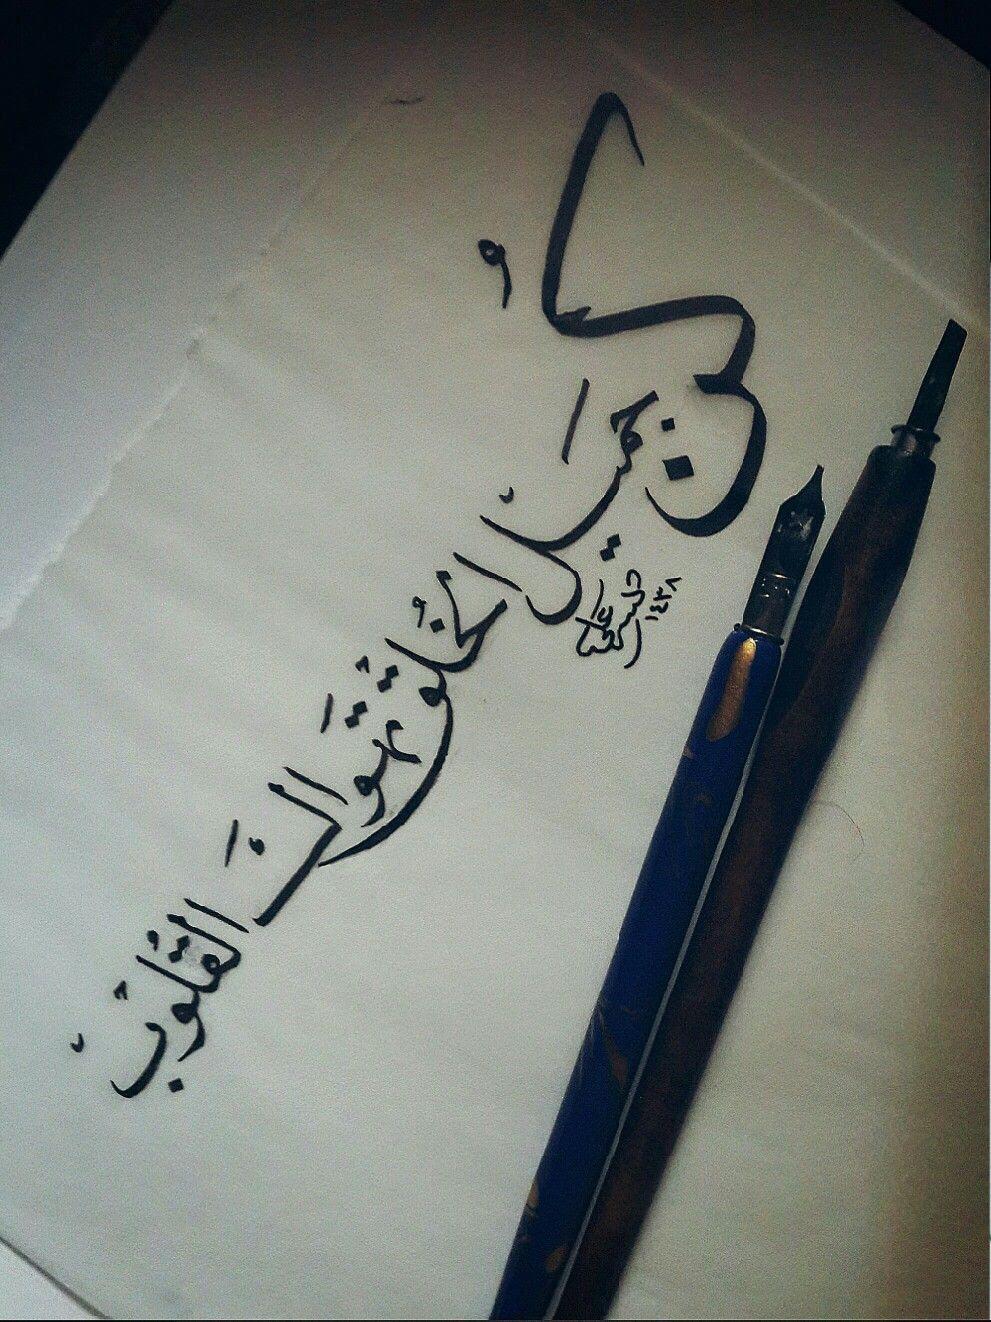 عبارات جميلة حكم عن حب الوطن قصيرة Aiqtabas Blog